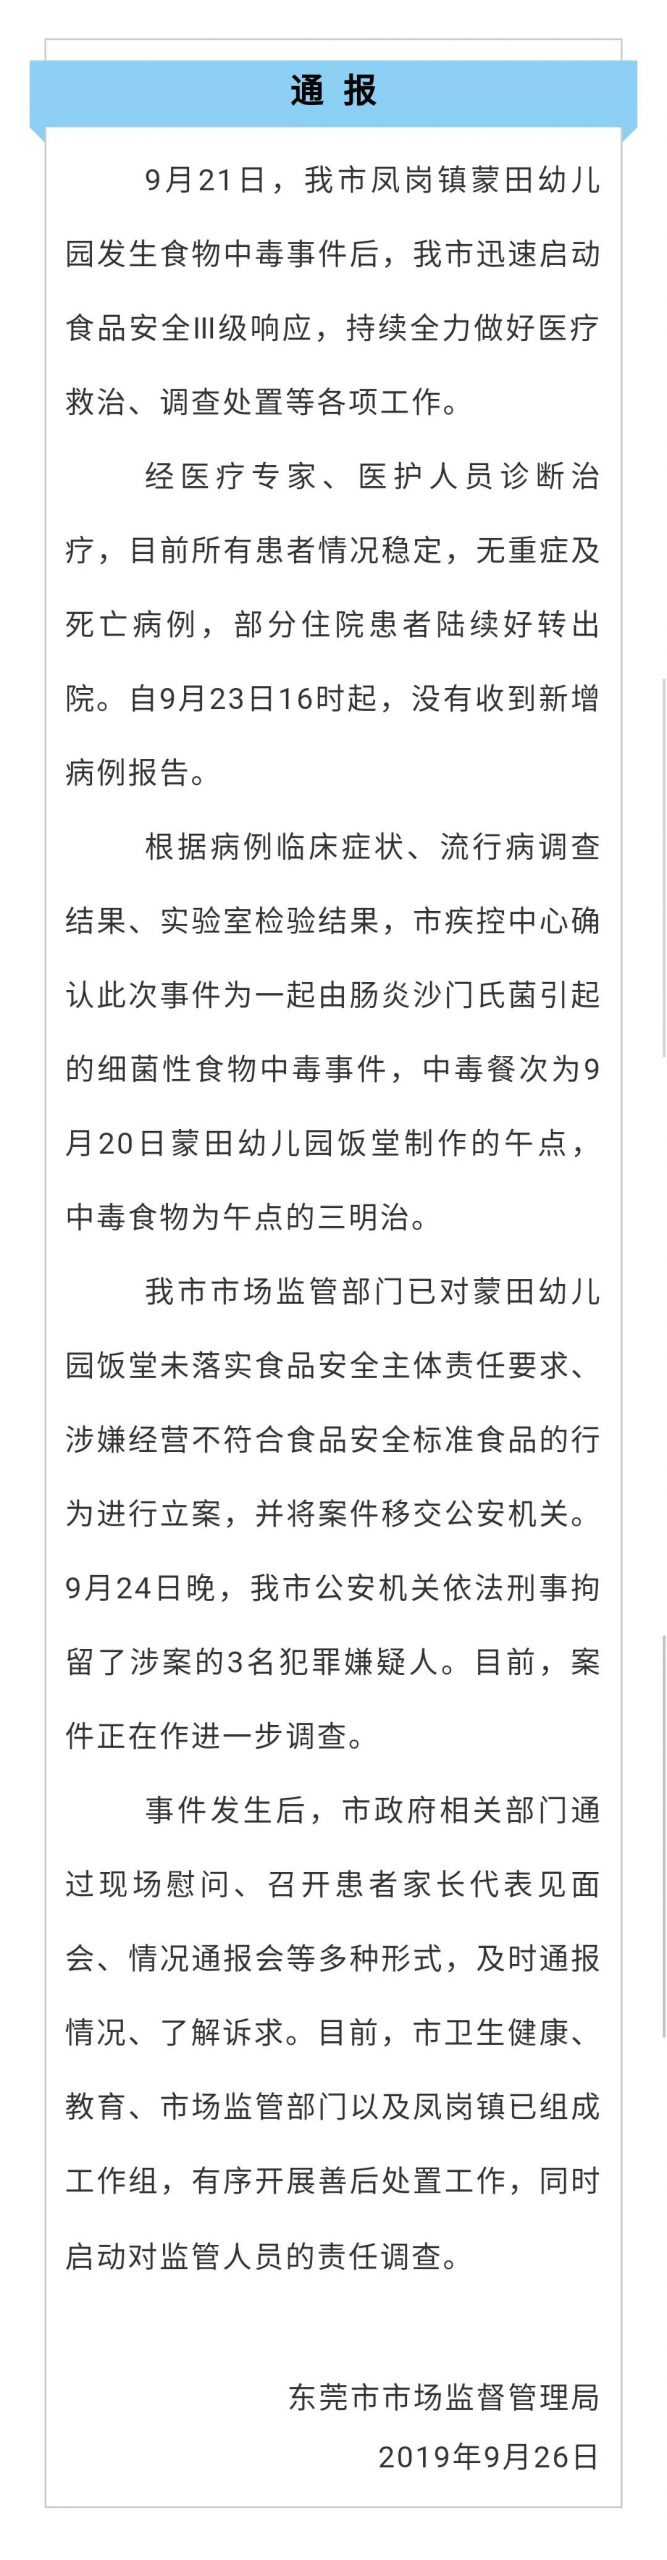 东莞幼儿园254人食物中毒原因查明!3名嫌疑人被刑拘!